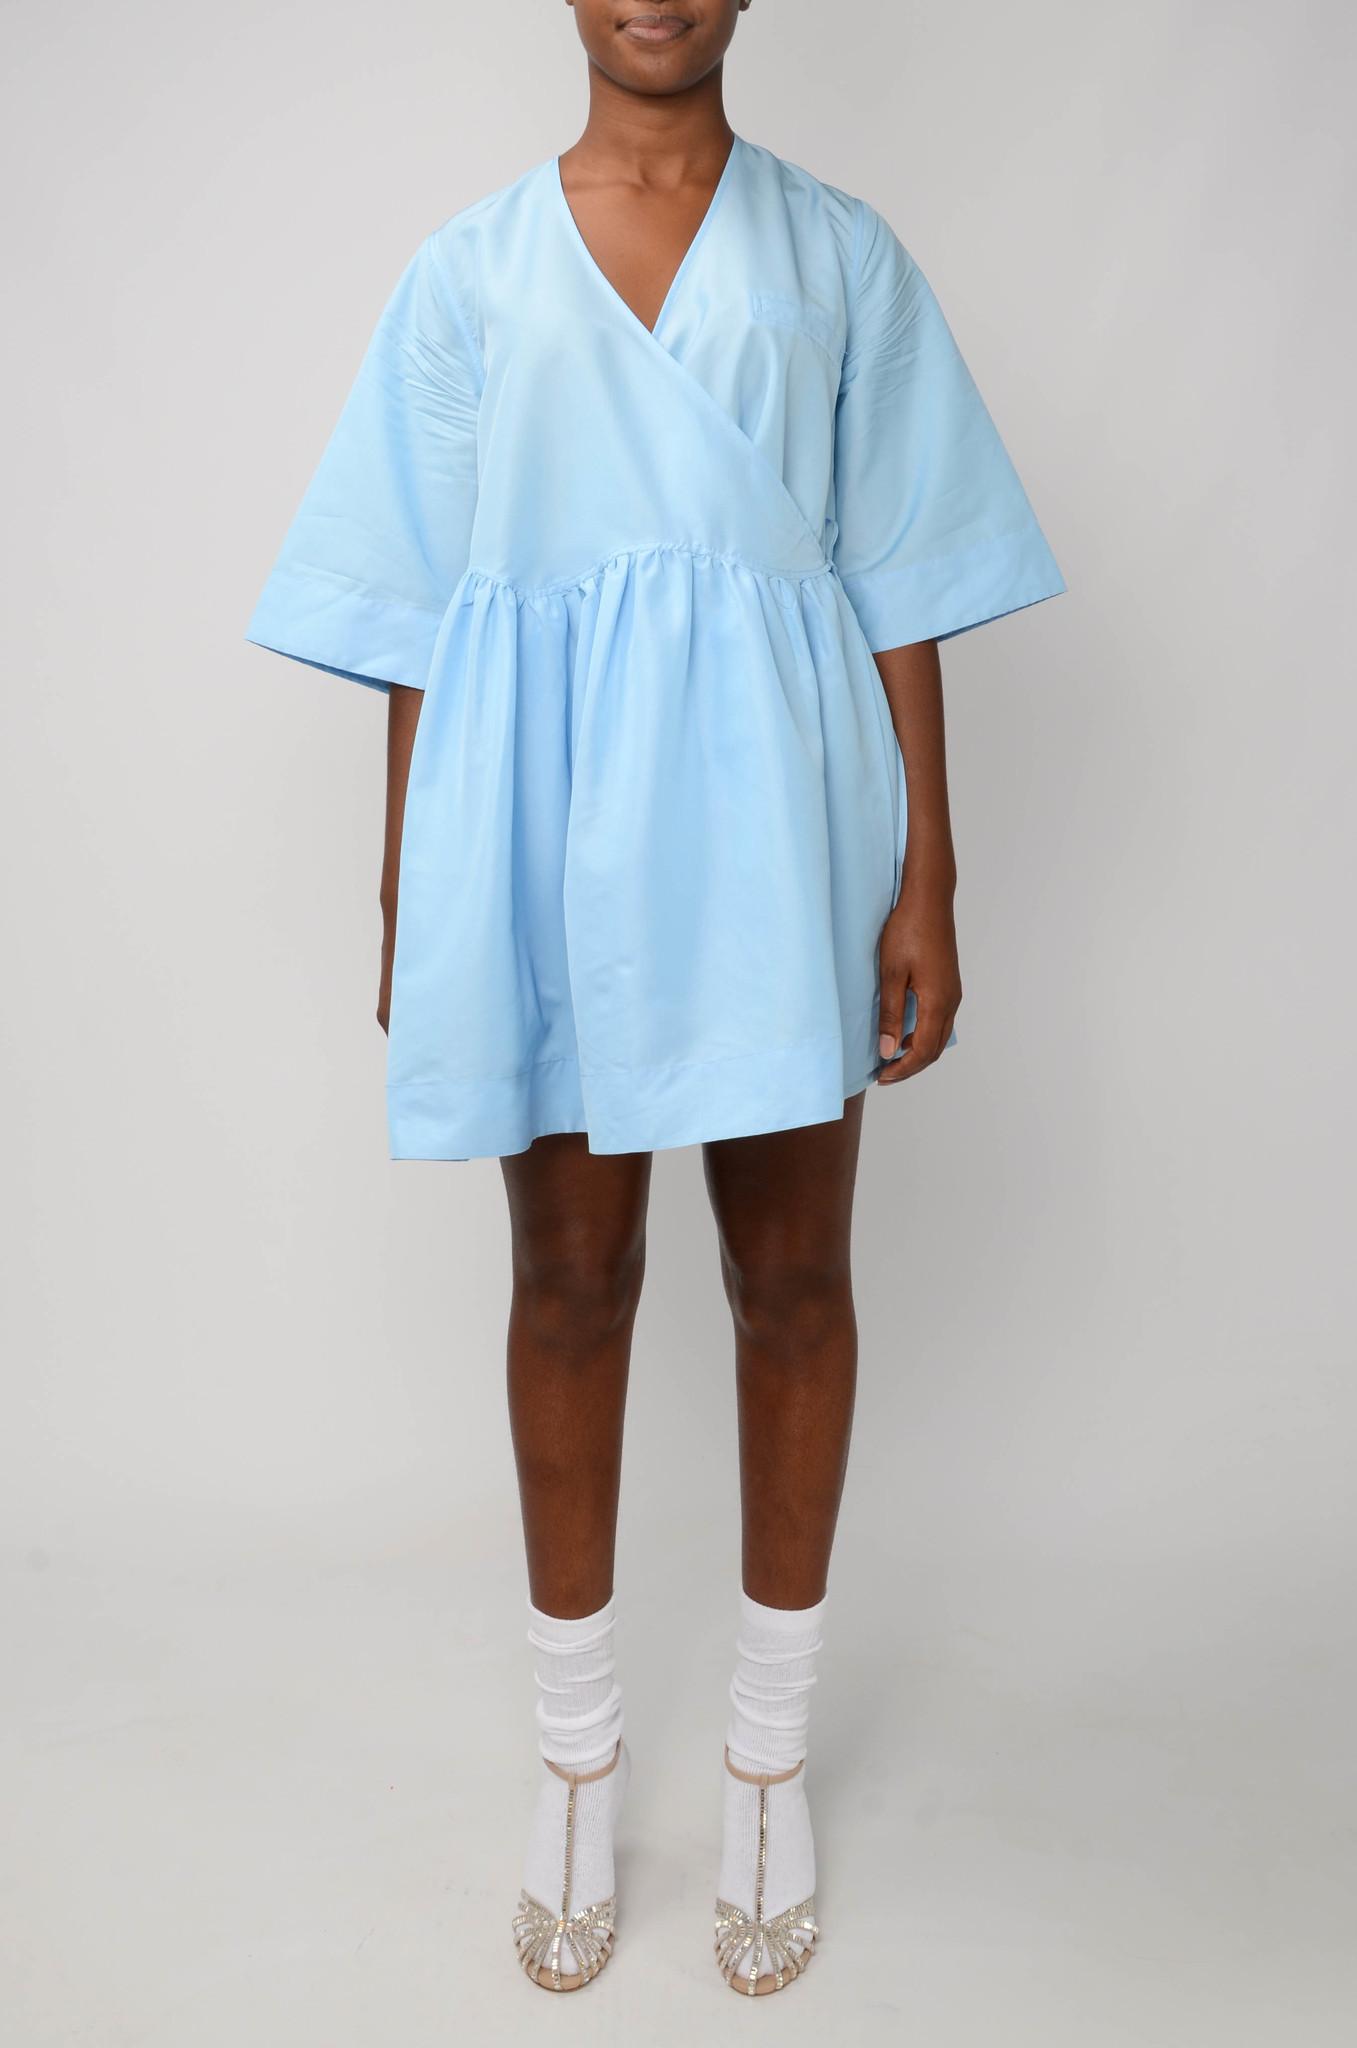 MINI WRAP DRESS IN BLUE TAFETTA-1